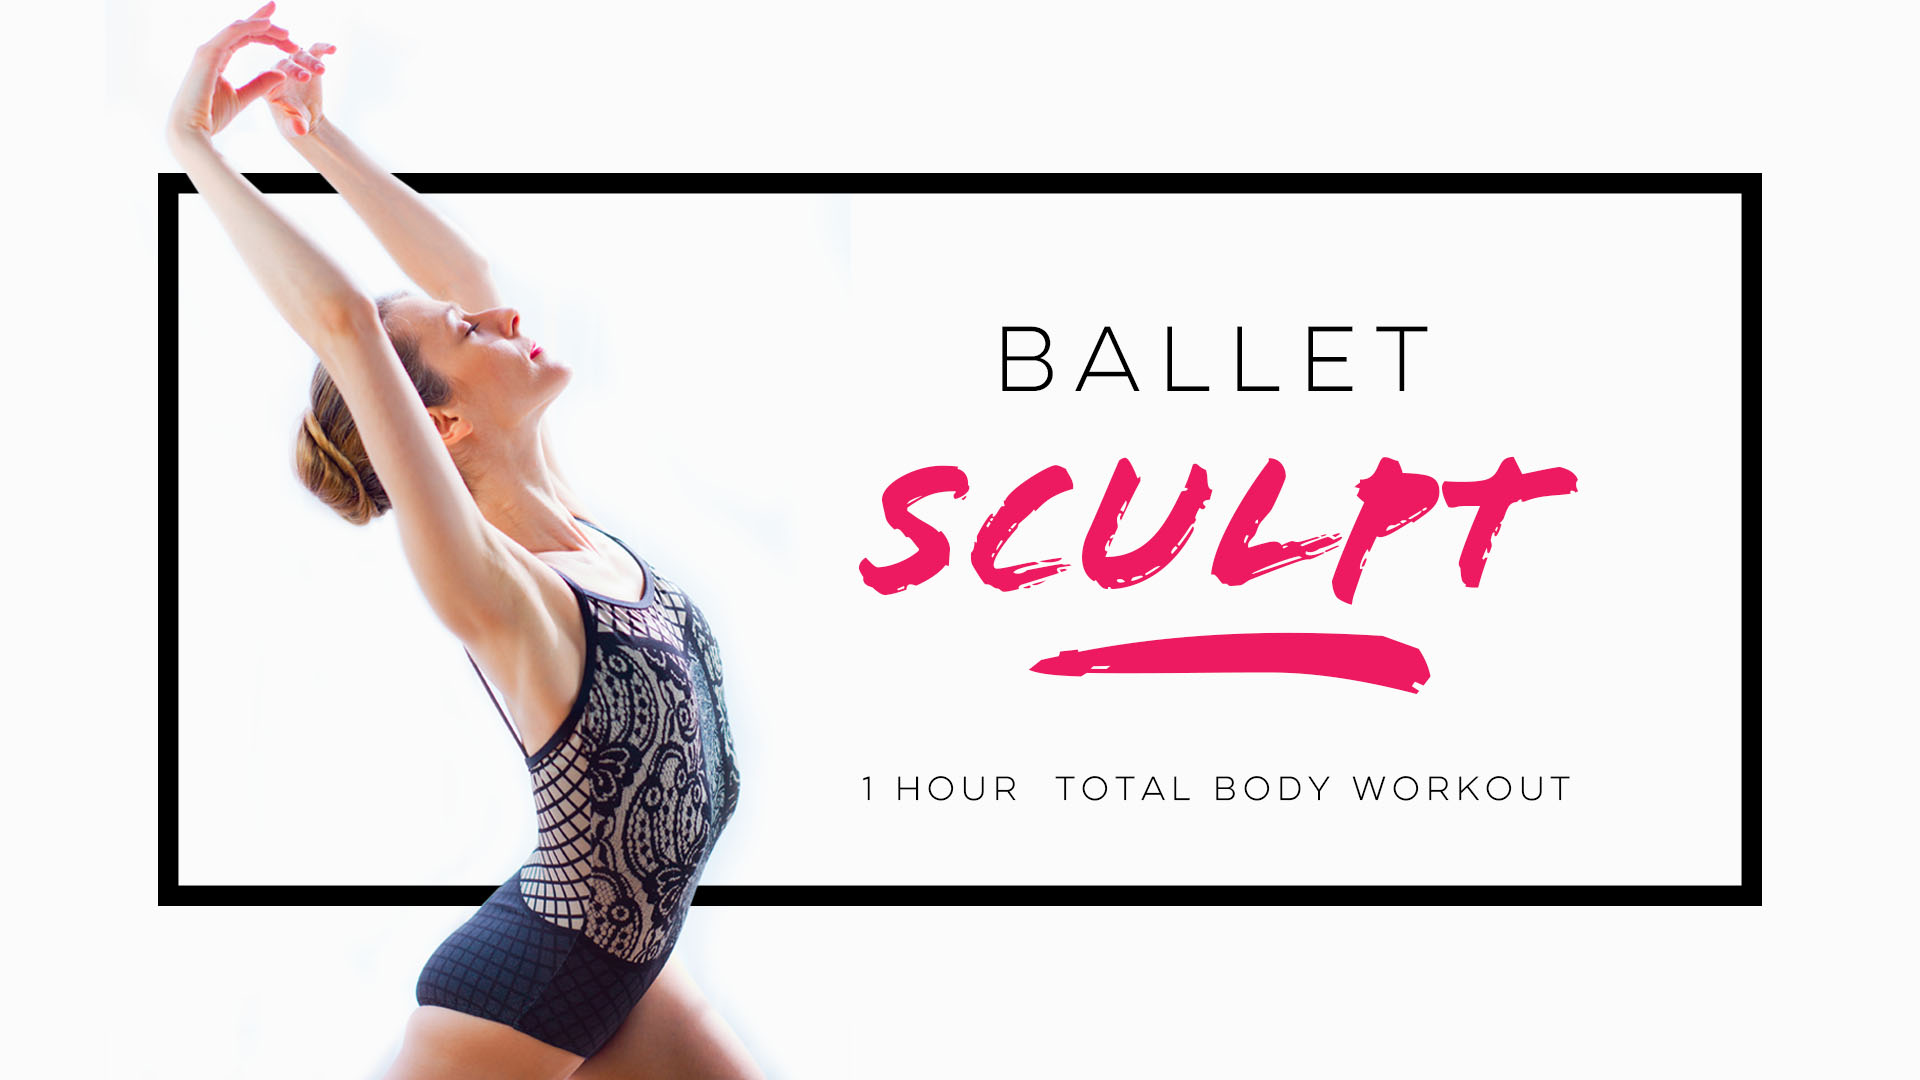 ballet-sculpt-1h-total-body-workout.jpg